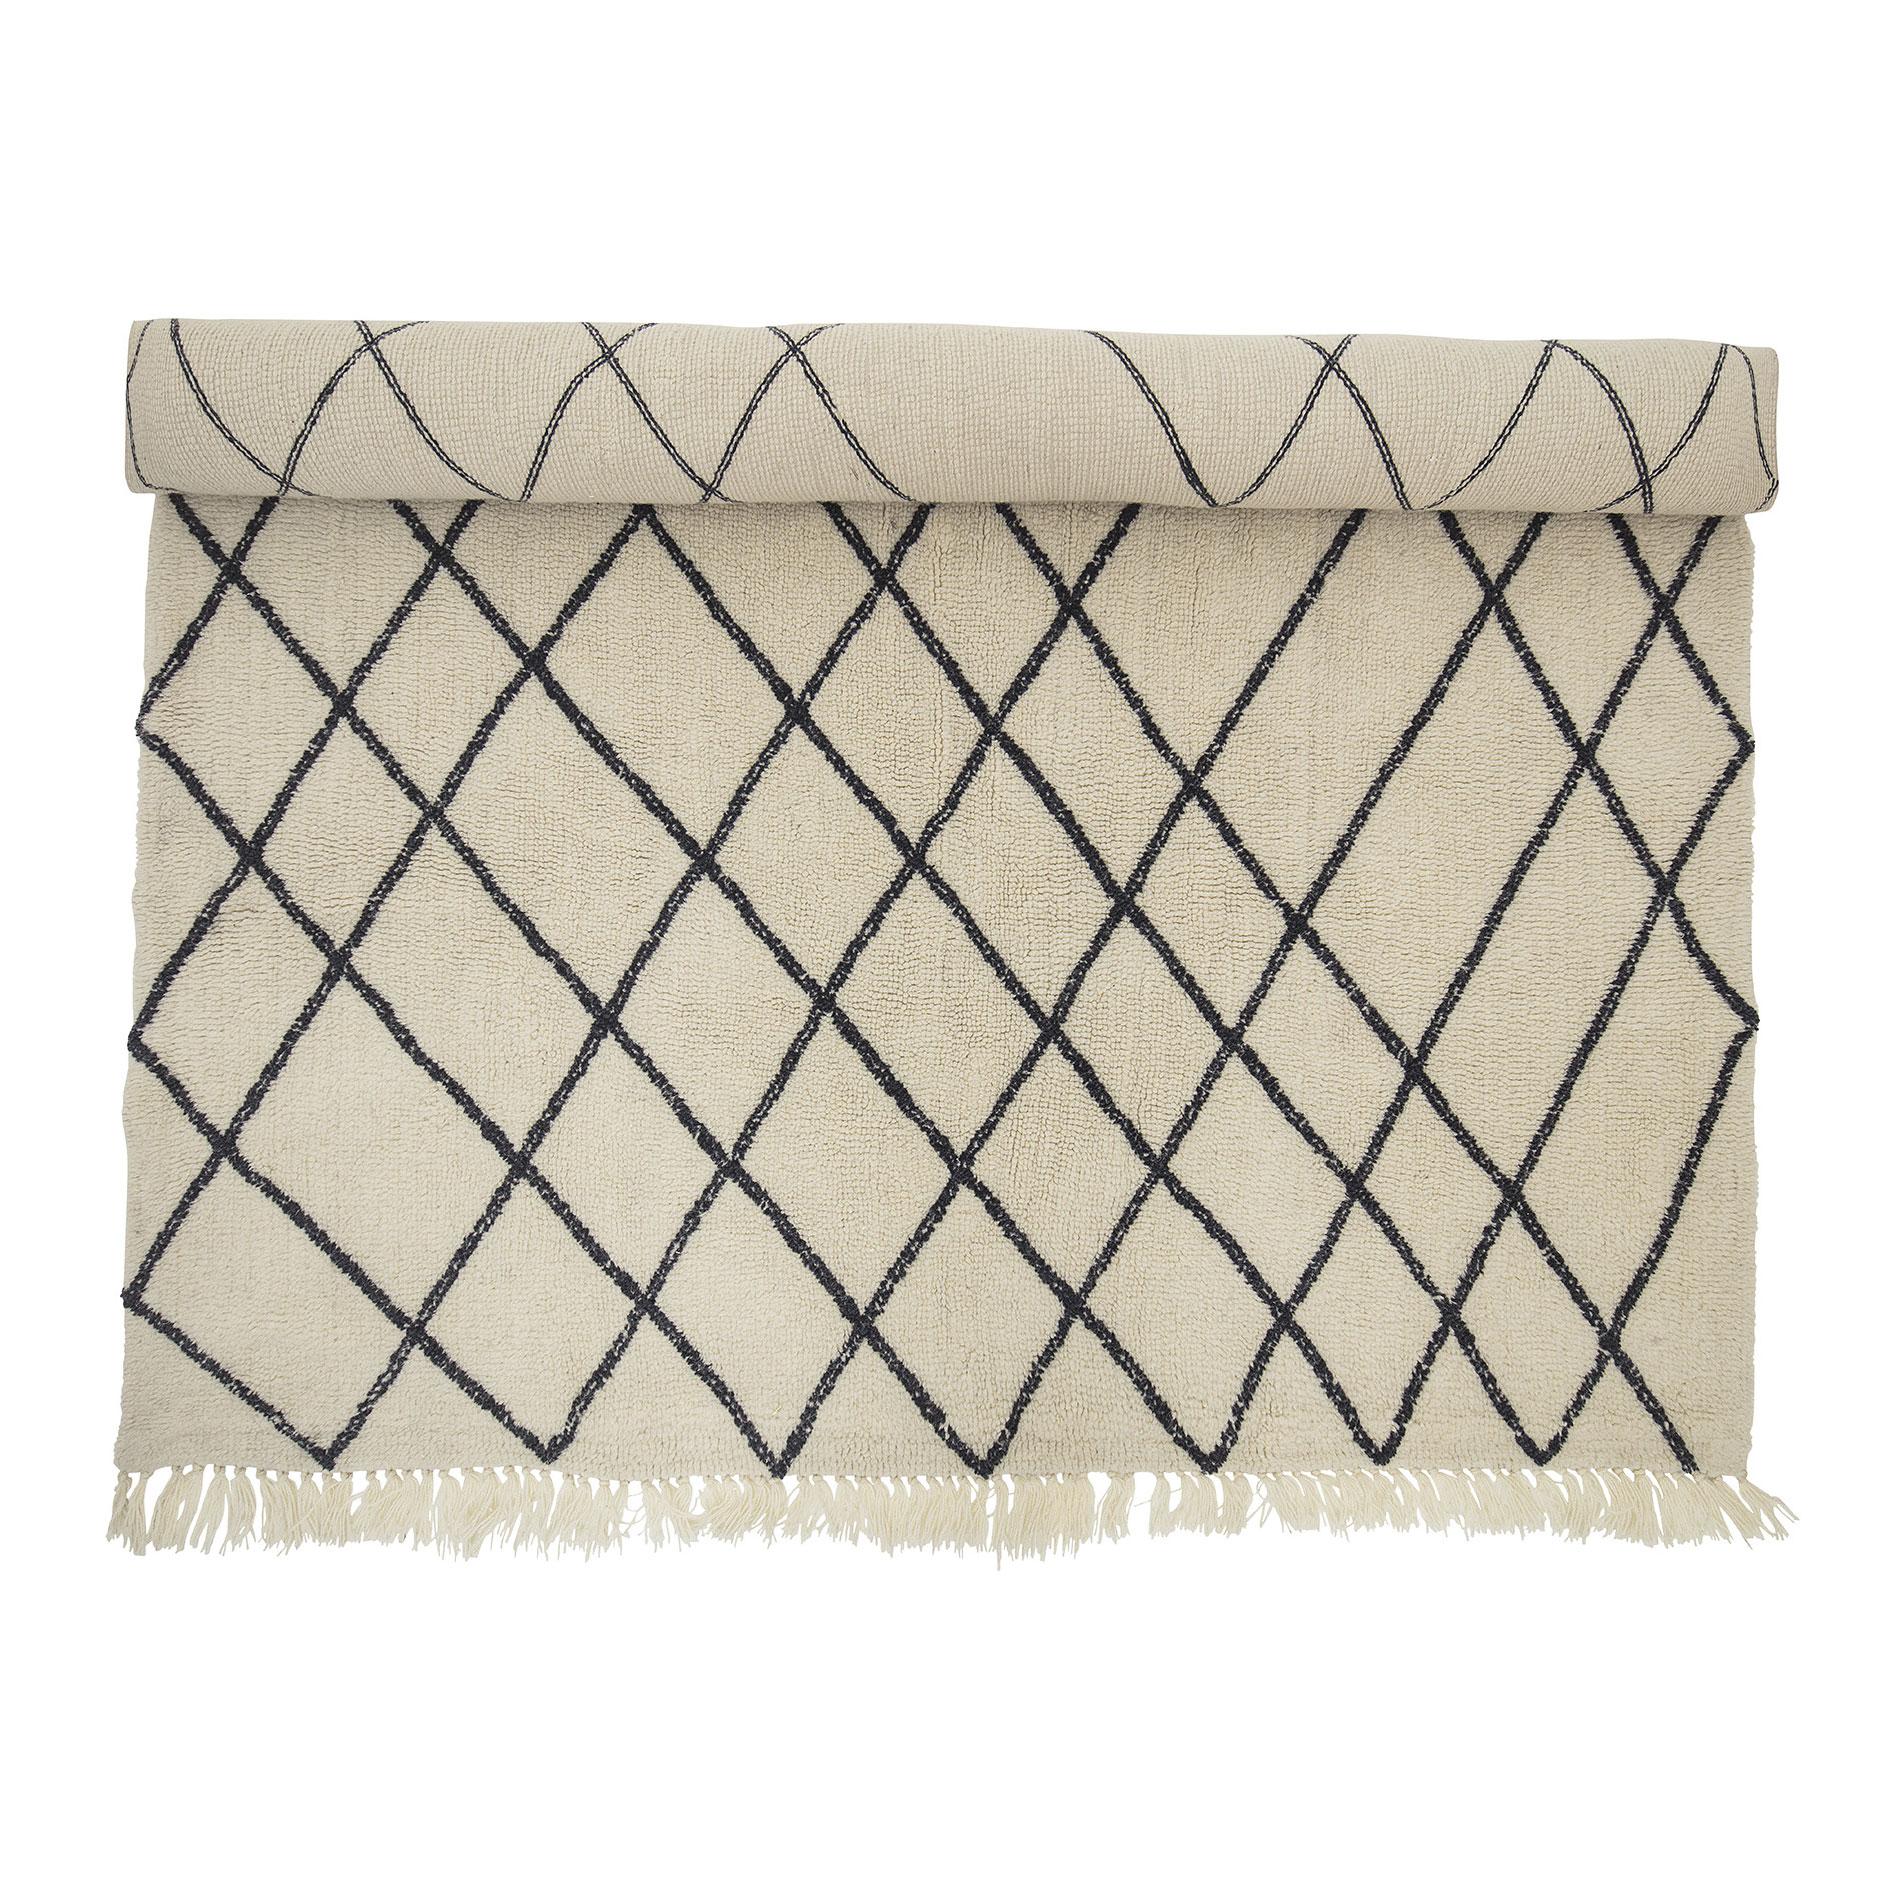 Tapete Berbere, lã natural, branco/preto, 300x200